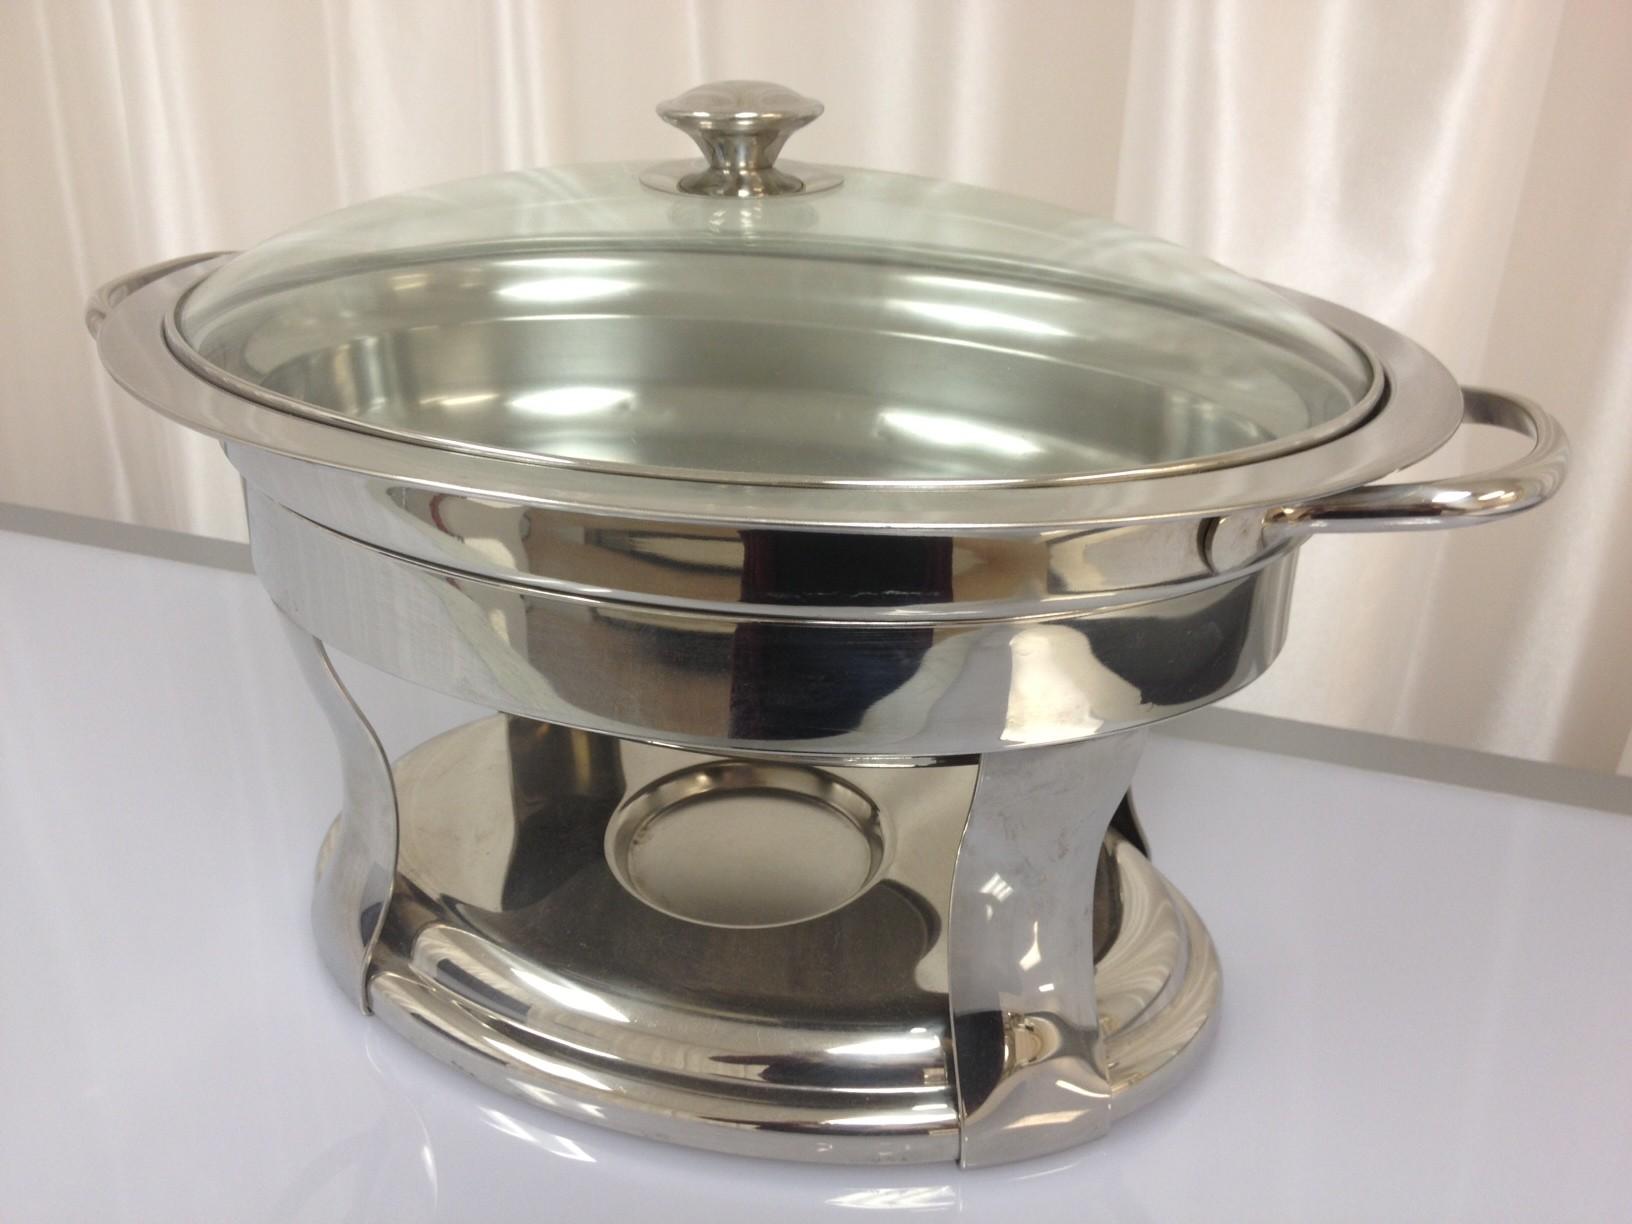 Oval Chafer Dish 6 Qt - CE100 (Qty: 4+)